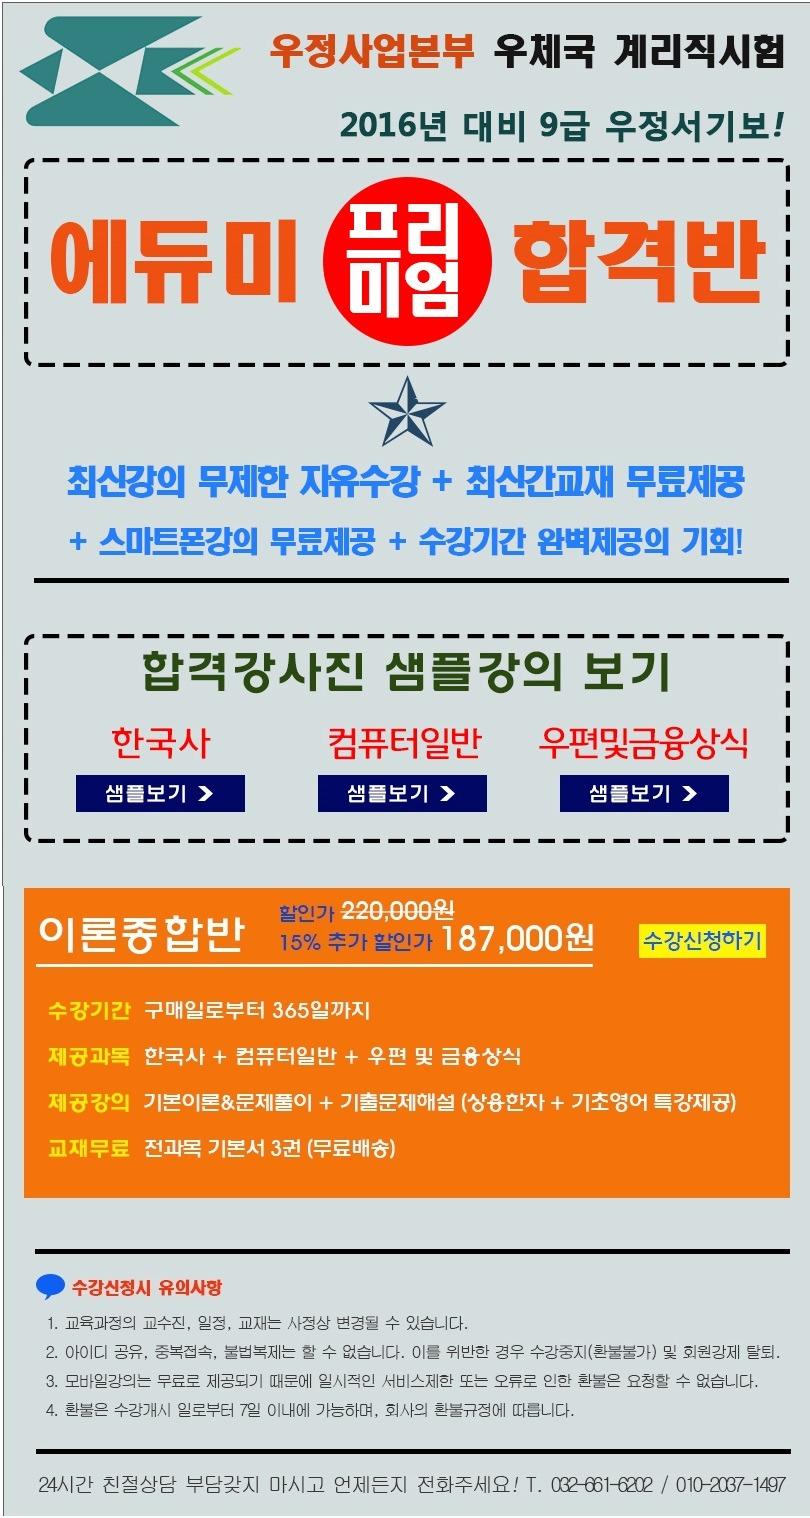 2015 에듀미 계리직인강 반짝 주말할인이벤트[~2.29(일)까지]